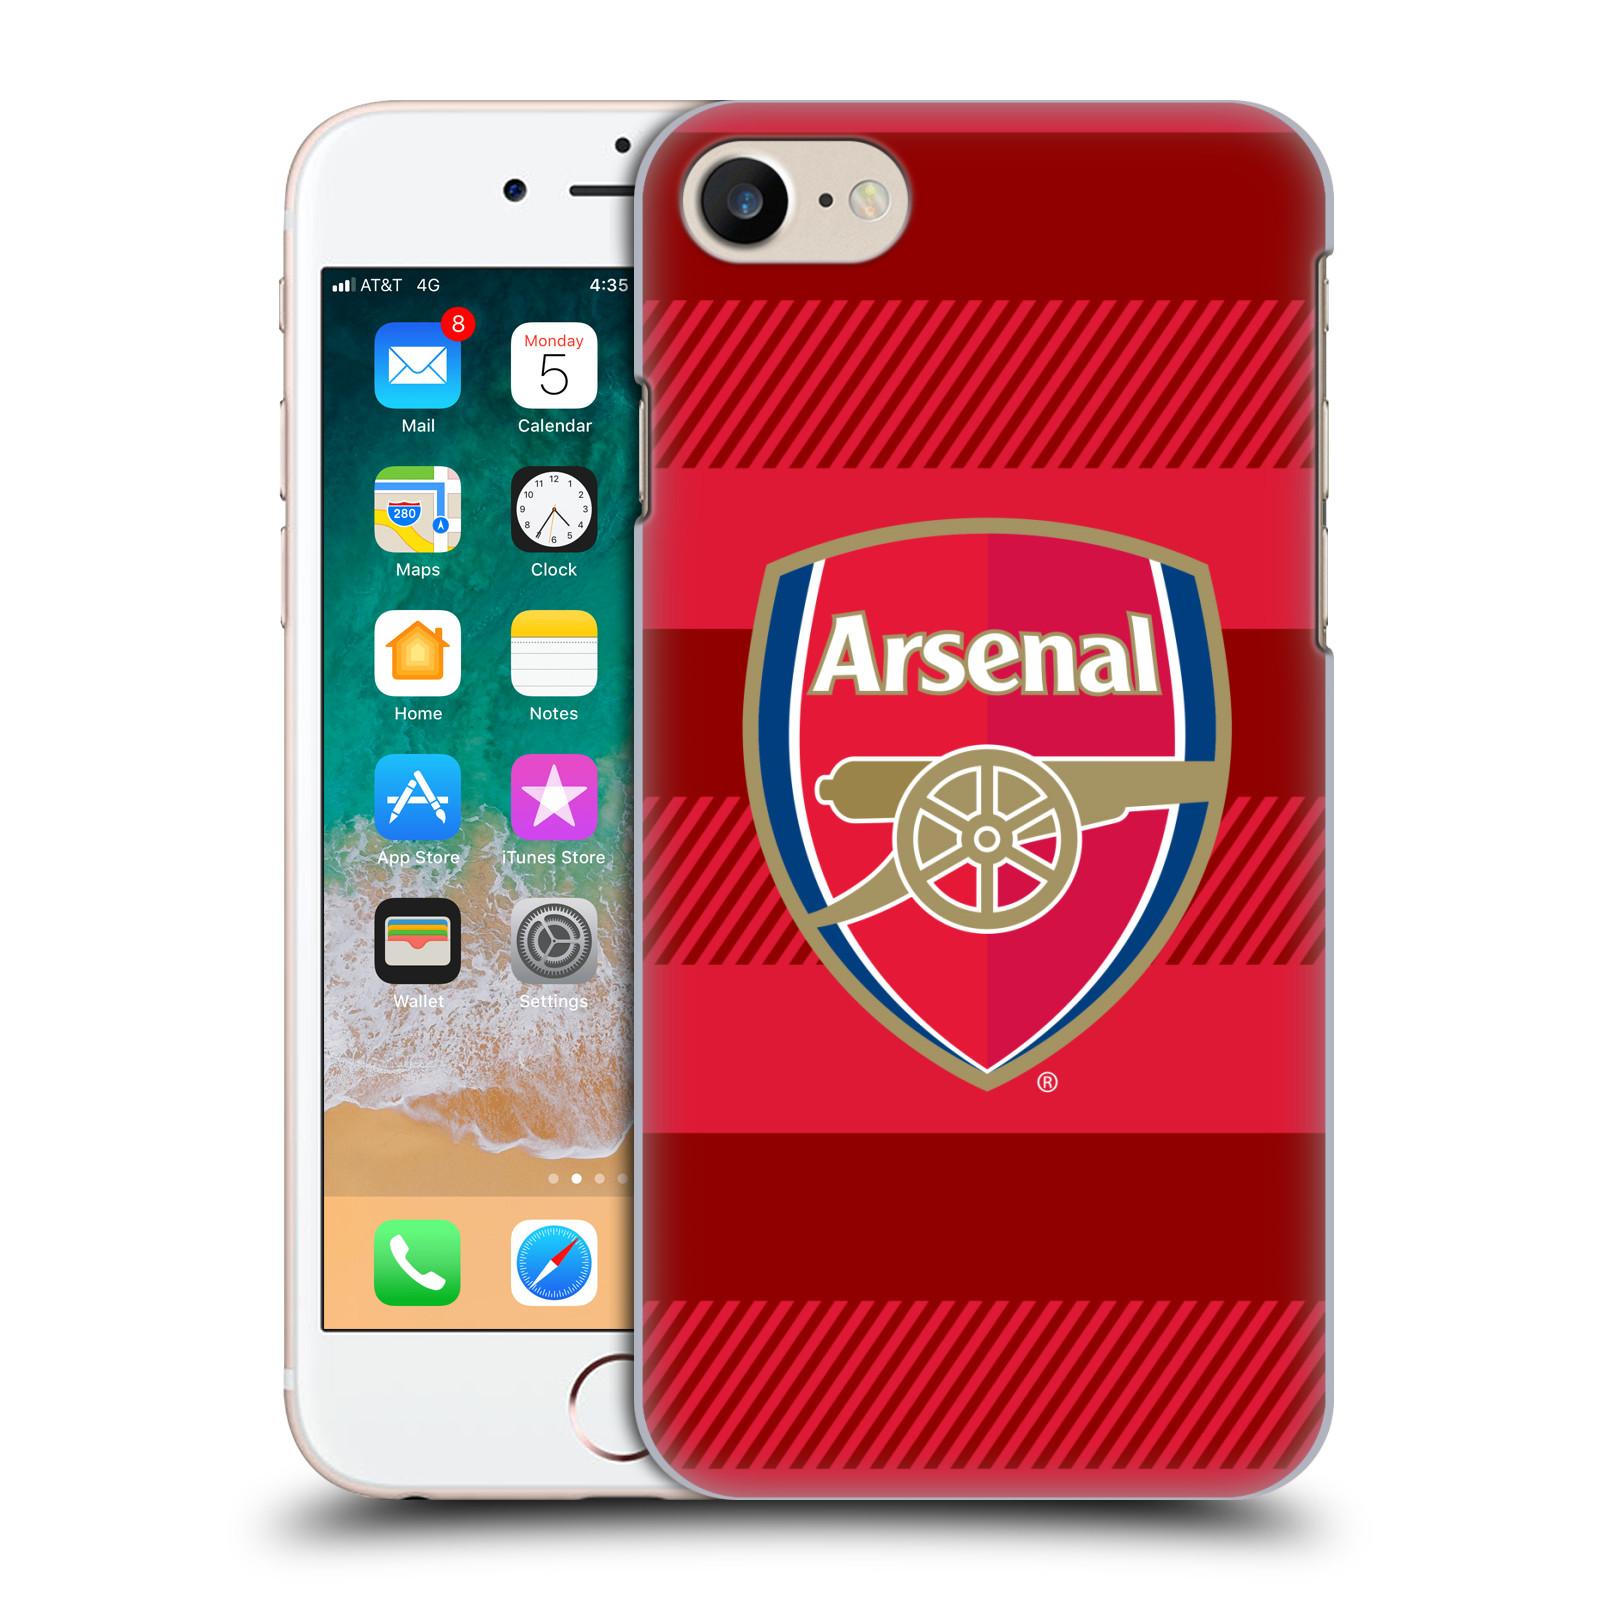 Plastové pouzdro na mobil Apple iPhone SE (2020) - Head Case - Arsenal FC - Logo s pruhy